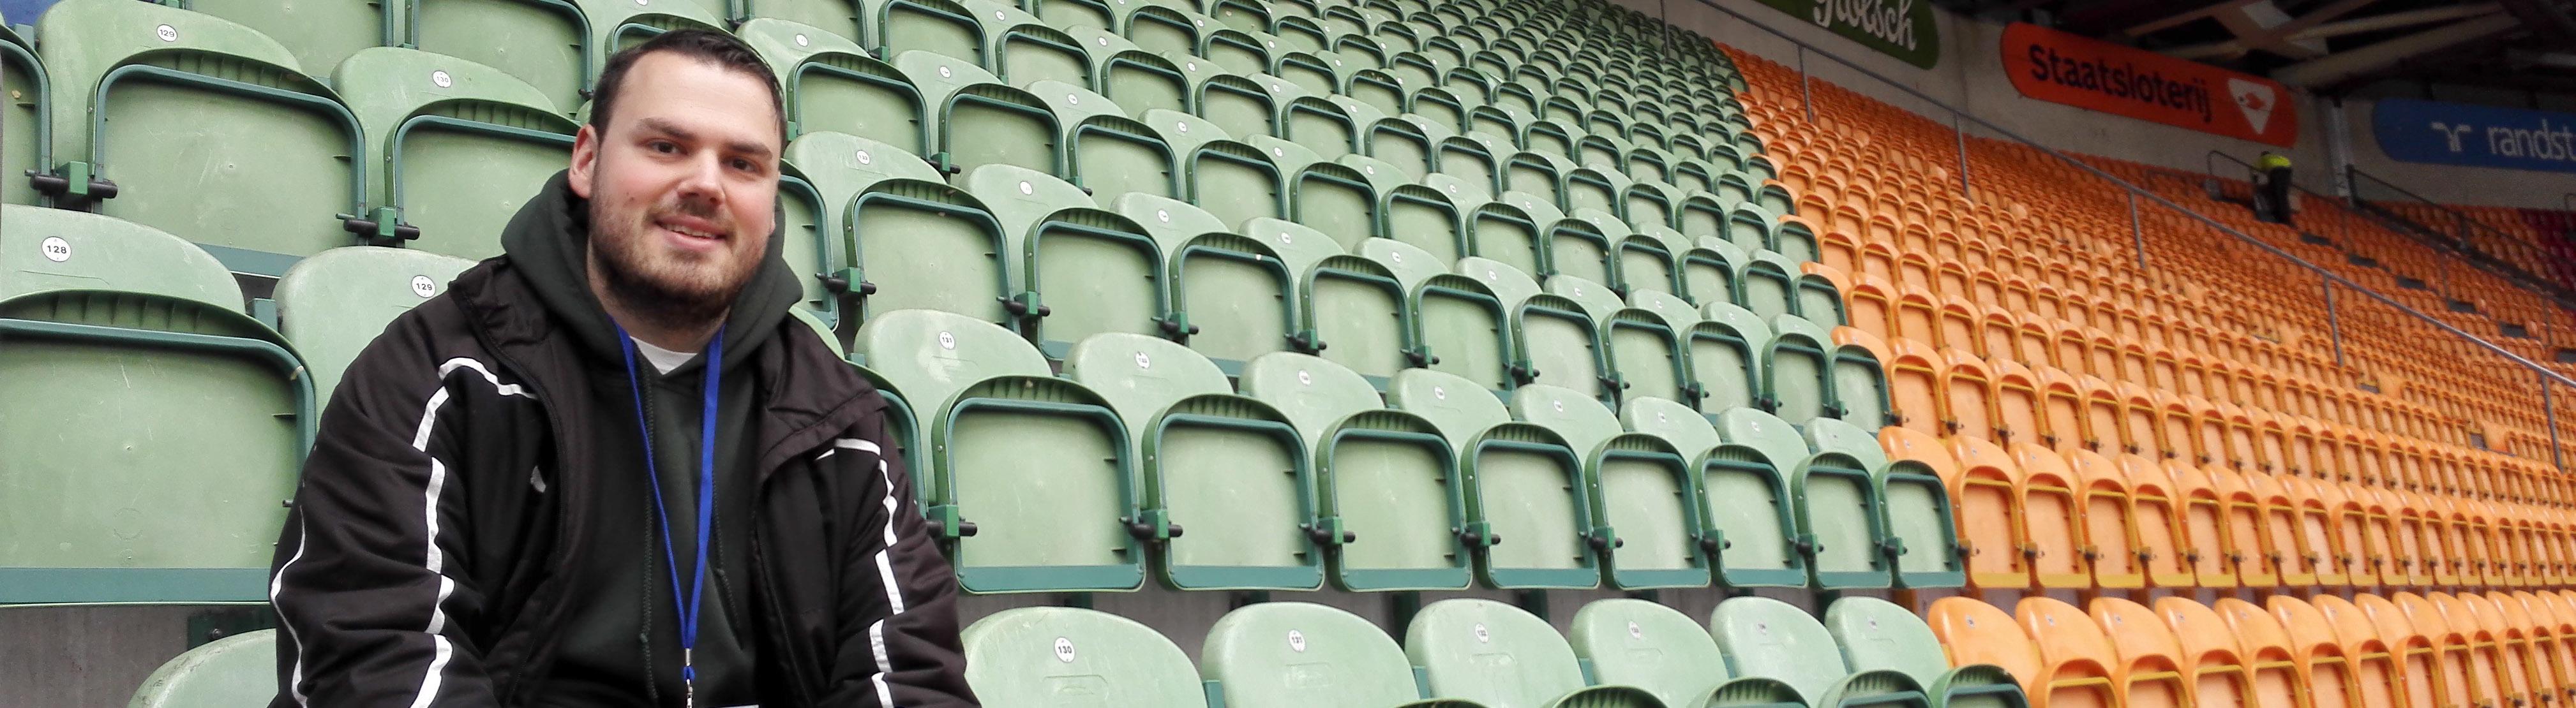 Groundhopping: Tobias Frey in einem Fußballstadion.